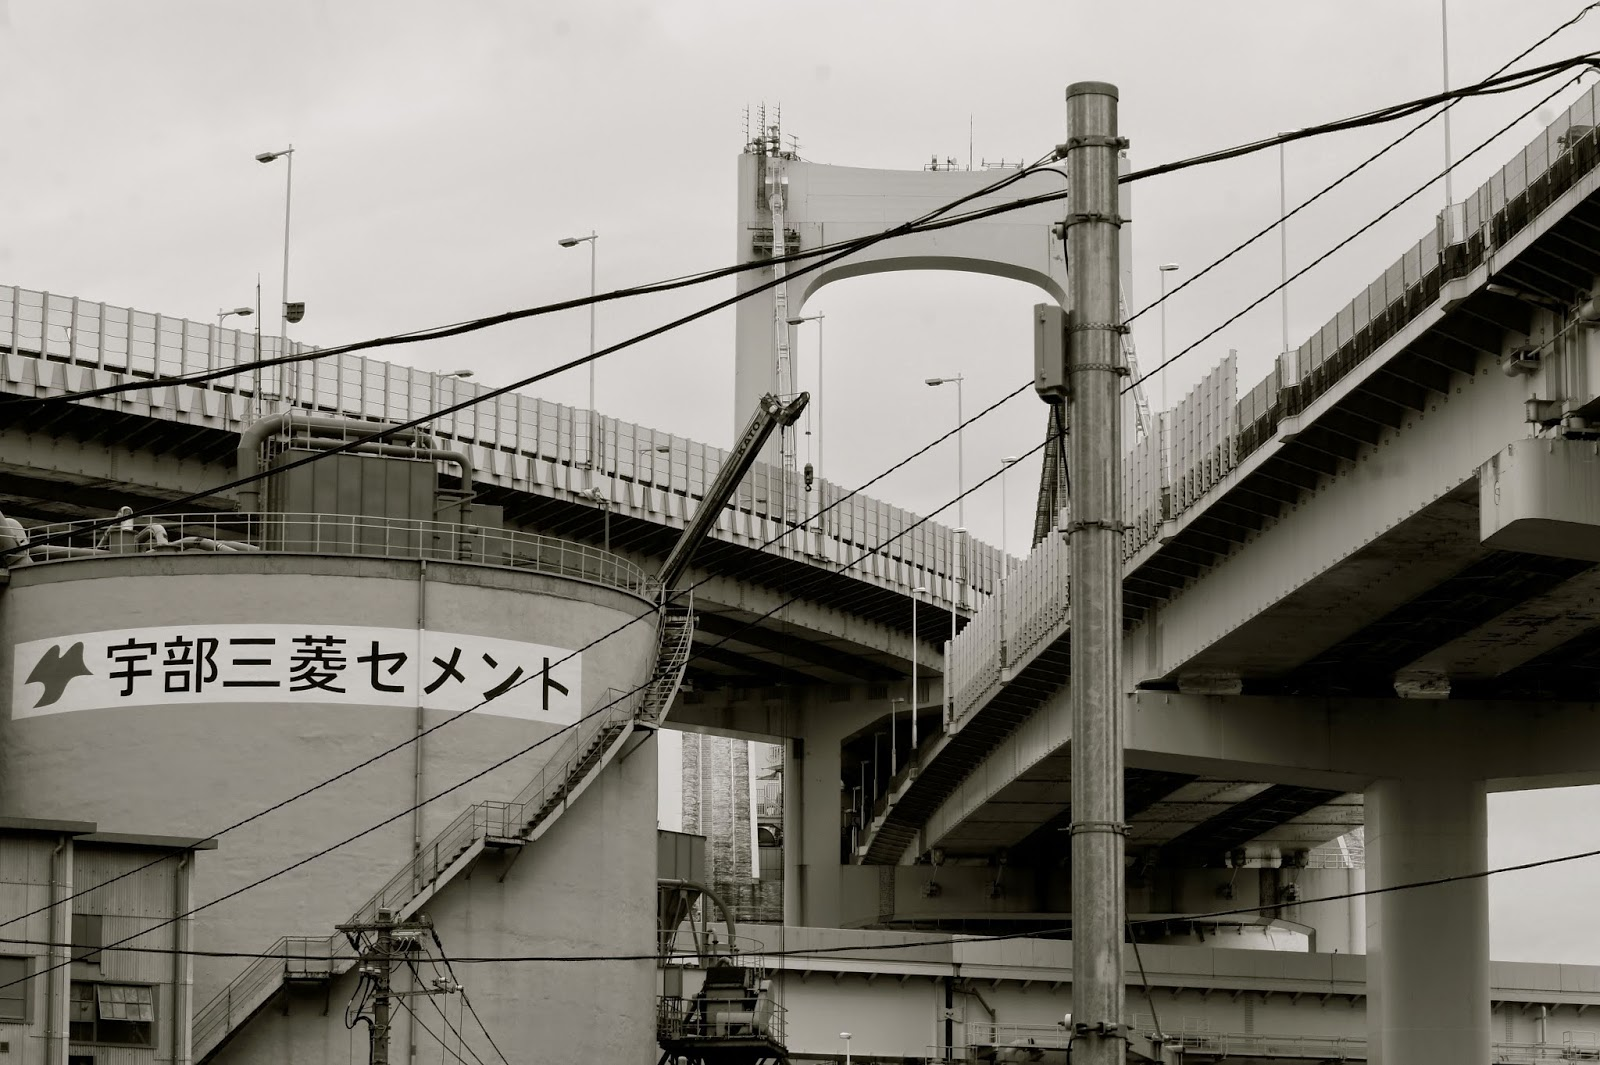 レインボーブリッジ/Photo by 柳下修平